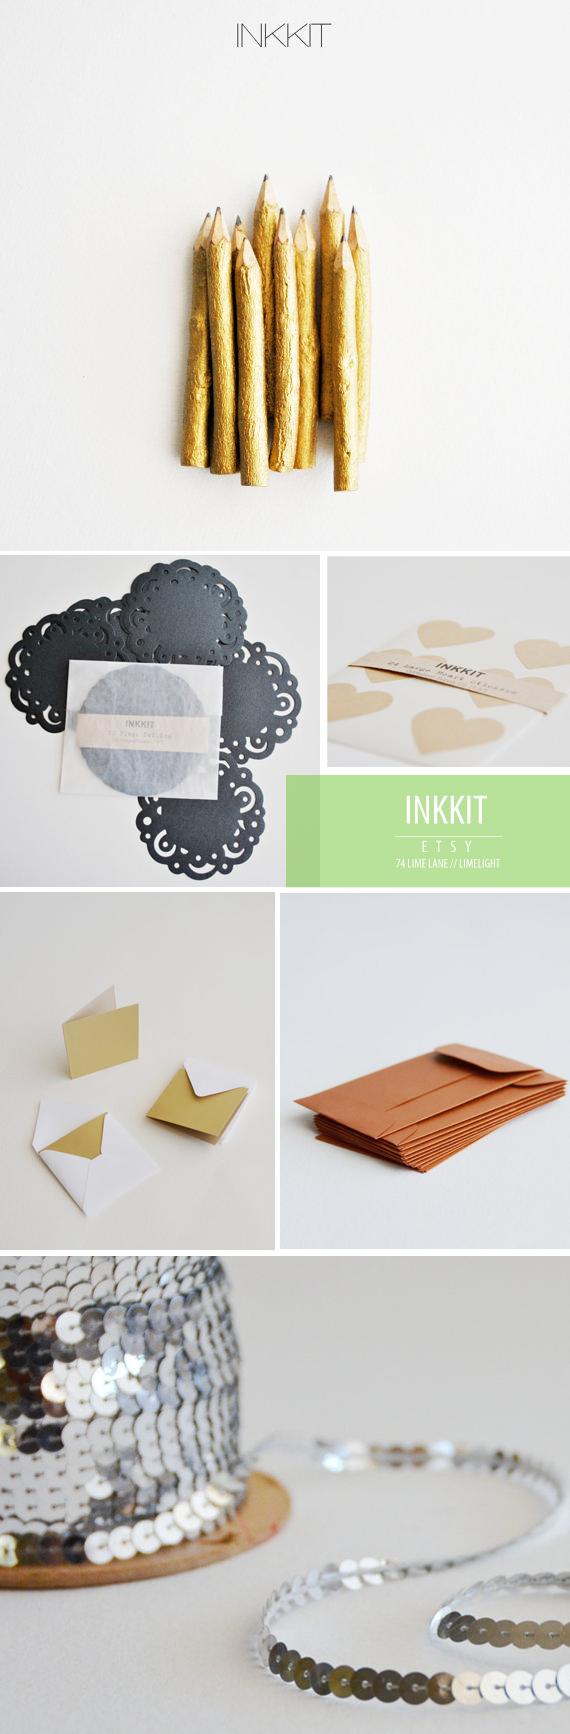 limelight // inkkit